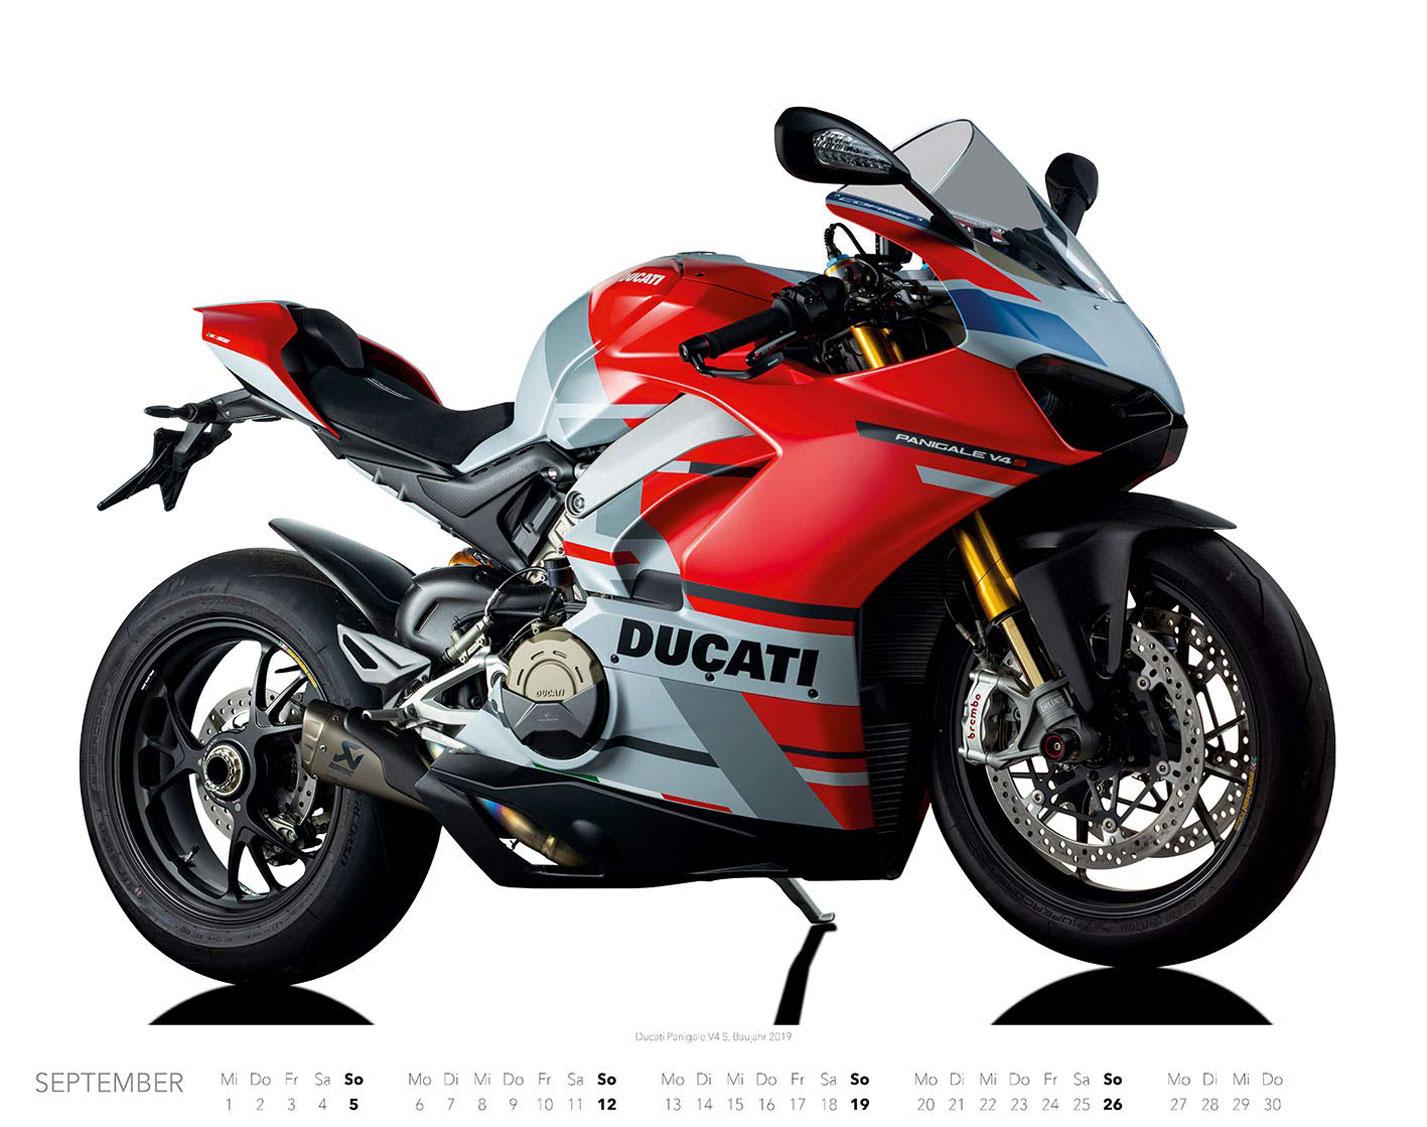 Календарь с крутыми мотоциклами на 2021 год / сентябрь